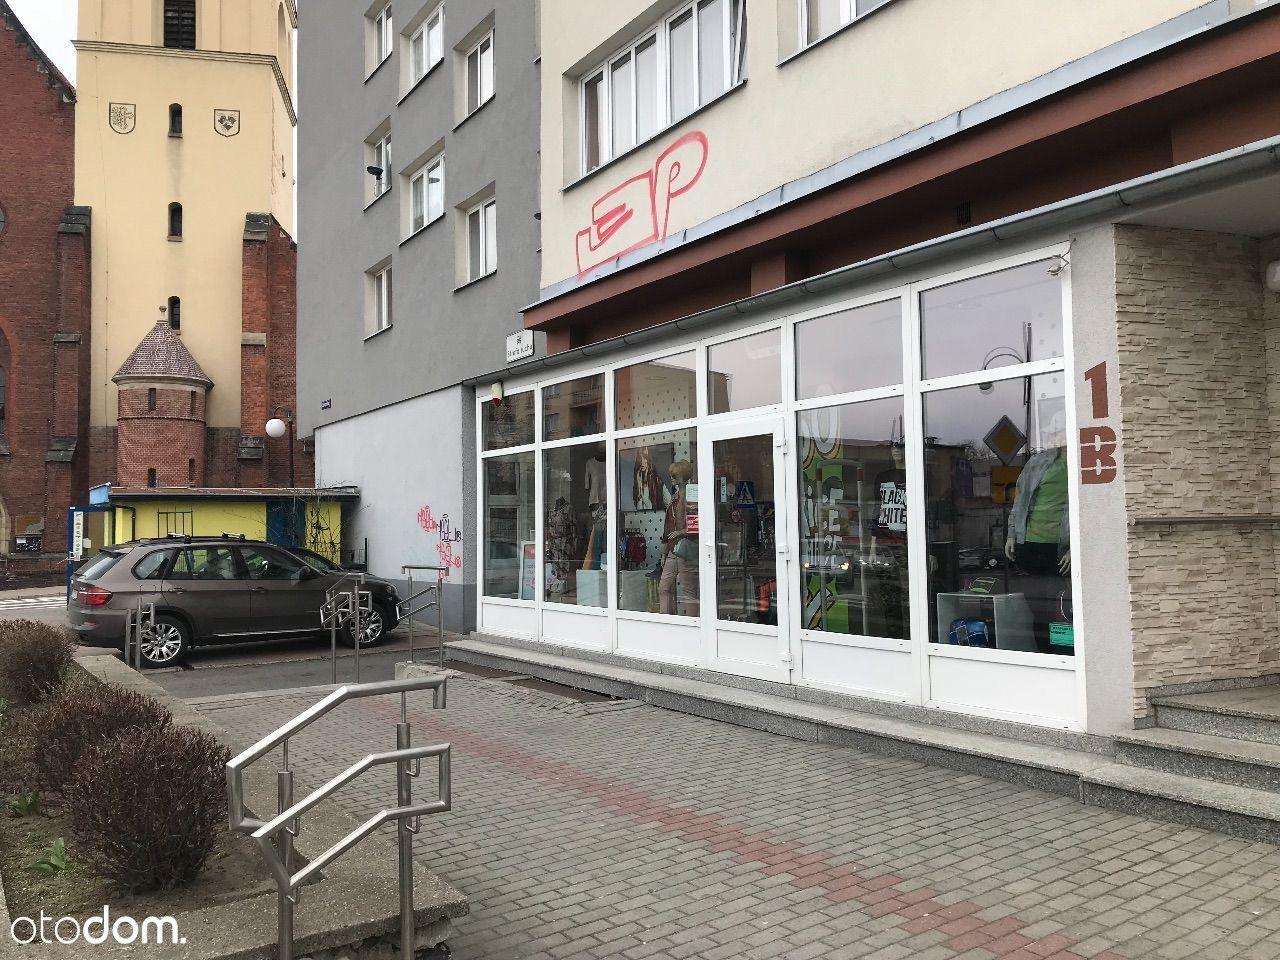 Lokal użytkowy w centrum Koźla, umeblowany sklep !